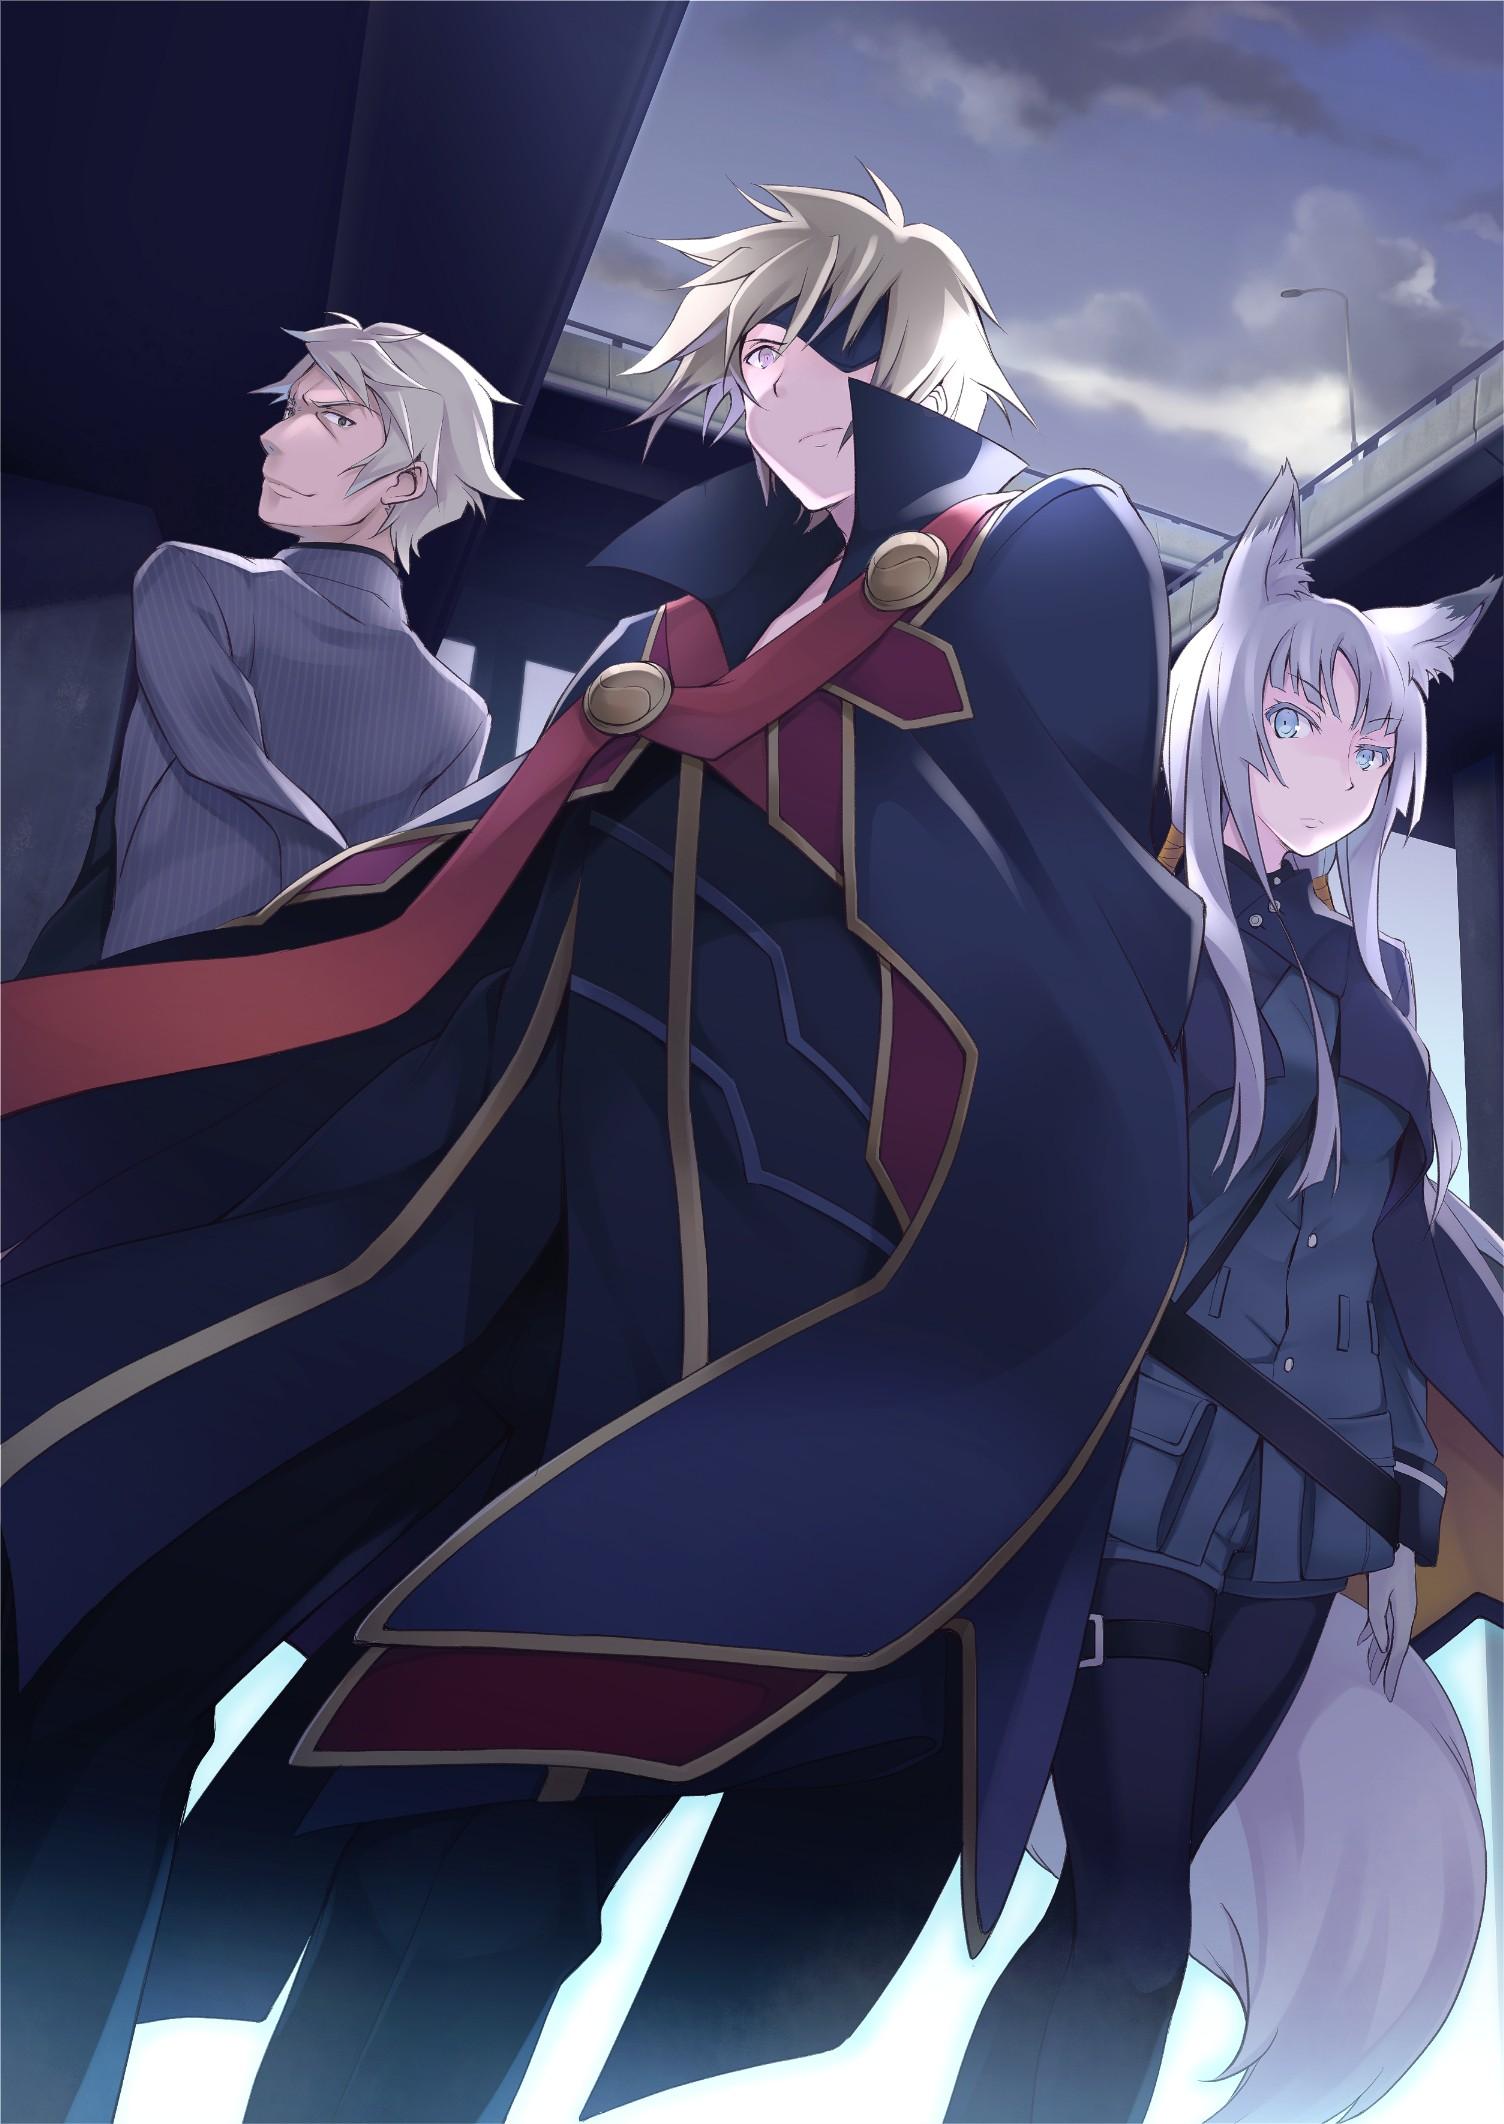 Illustration Anime Tokyo Ravens Tsuchimikado Harutora Hishamaru Kakugyouki Screenshot Mangaka